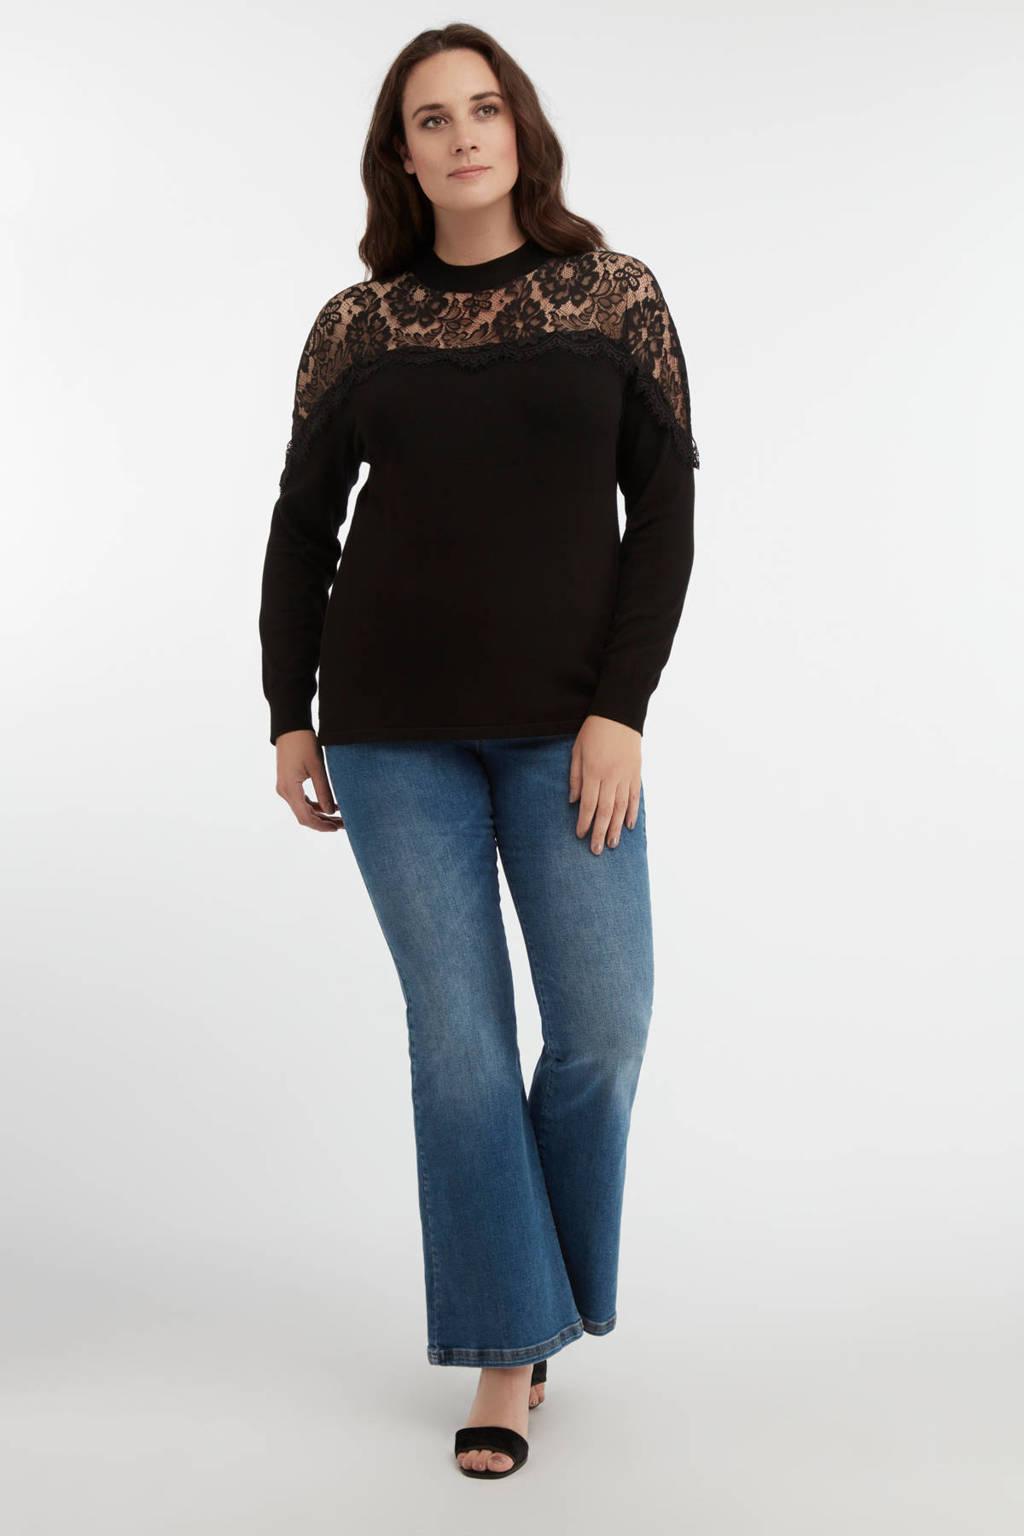 MS Mode semi-transparante trui met kant zwart, Zwart